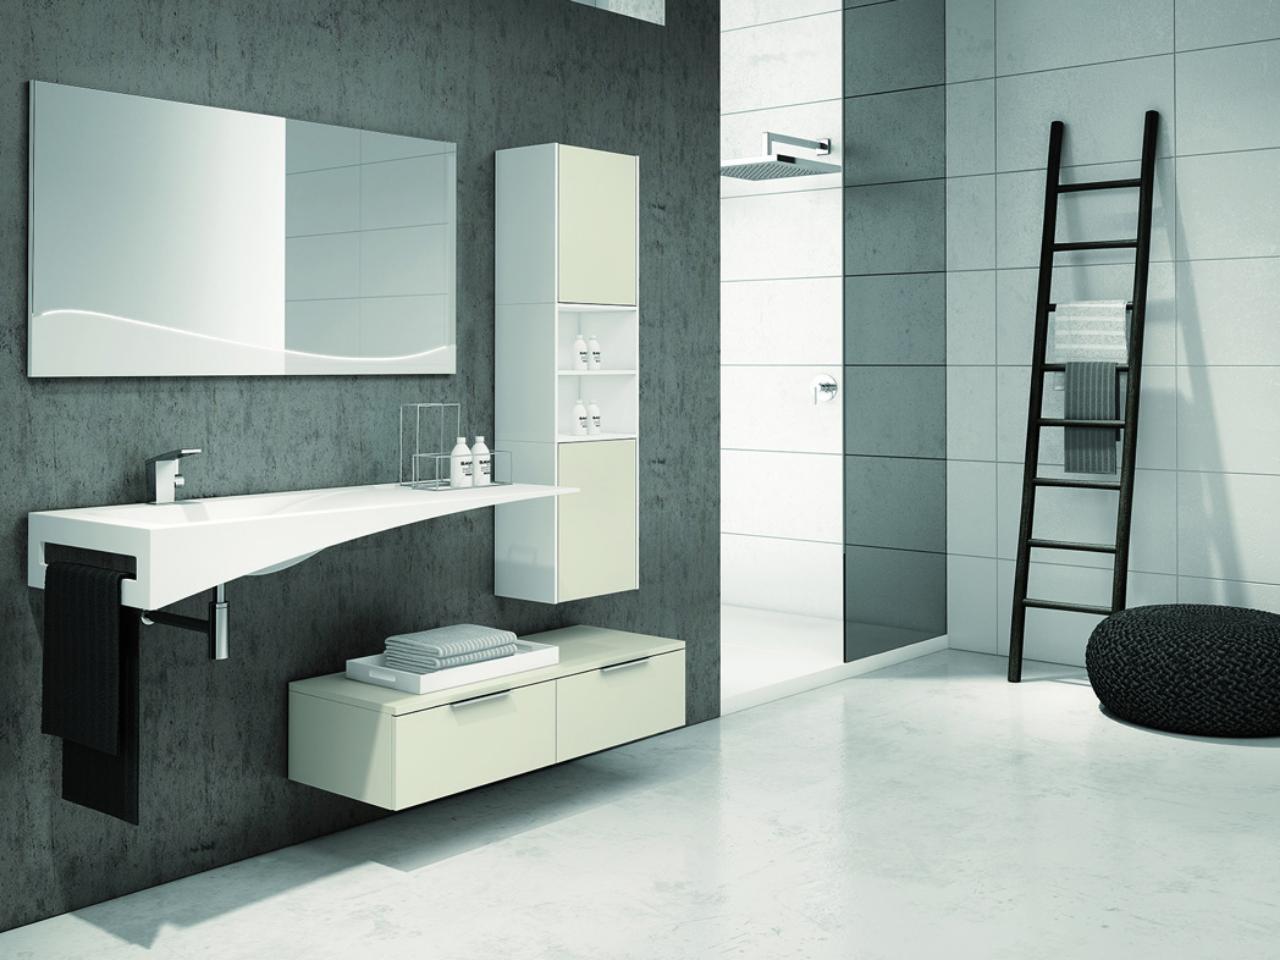 4 consigli utili per un arredo bagno contemporaneo in stile minimal bagnoidea - Consigli arredo bagno ...